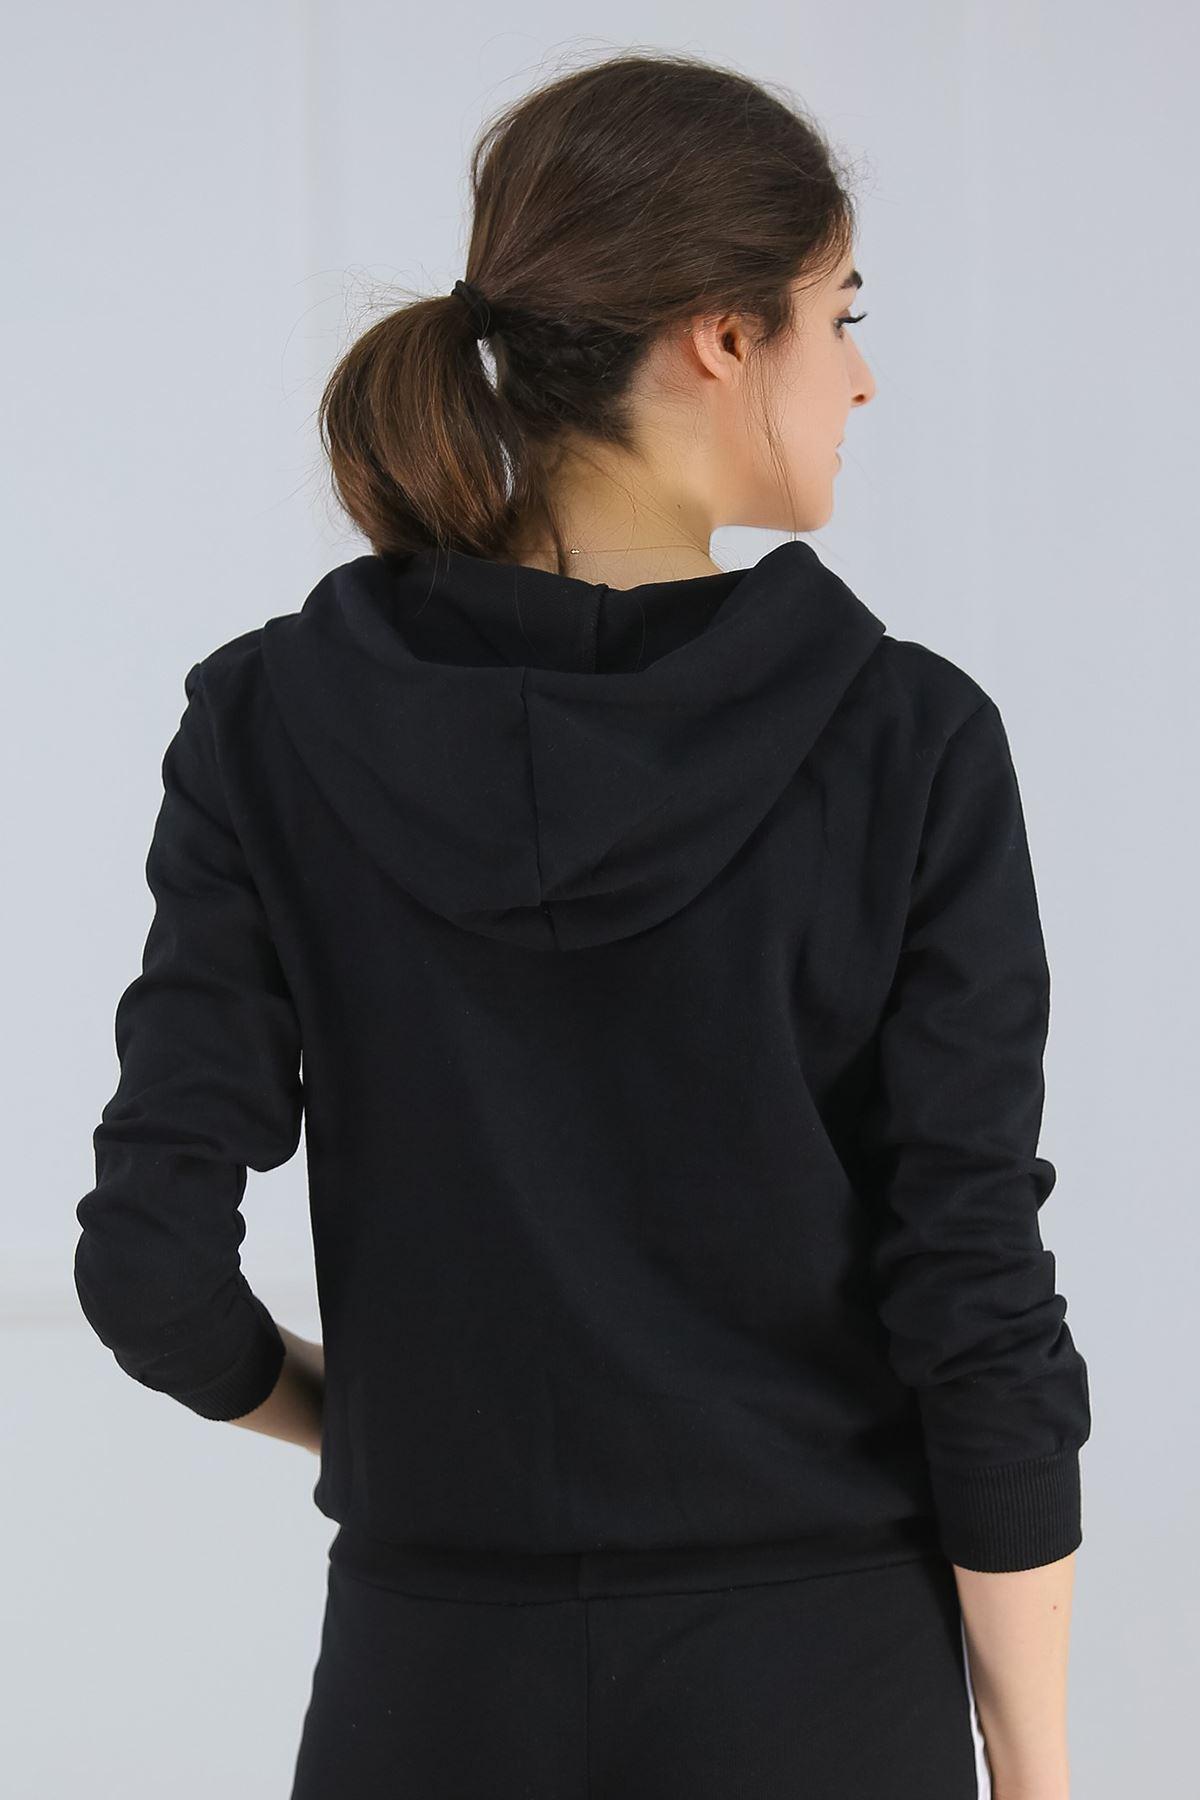 Kapşonlu Fermuarlı Sweat Siyah - 4378.1005.